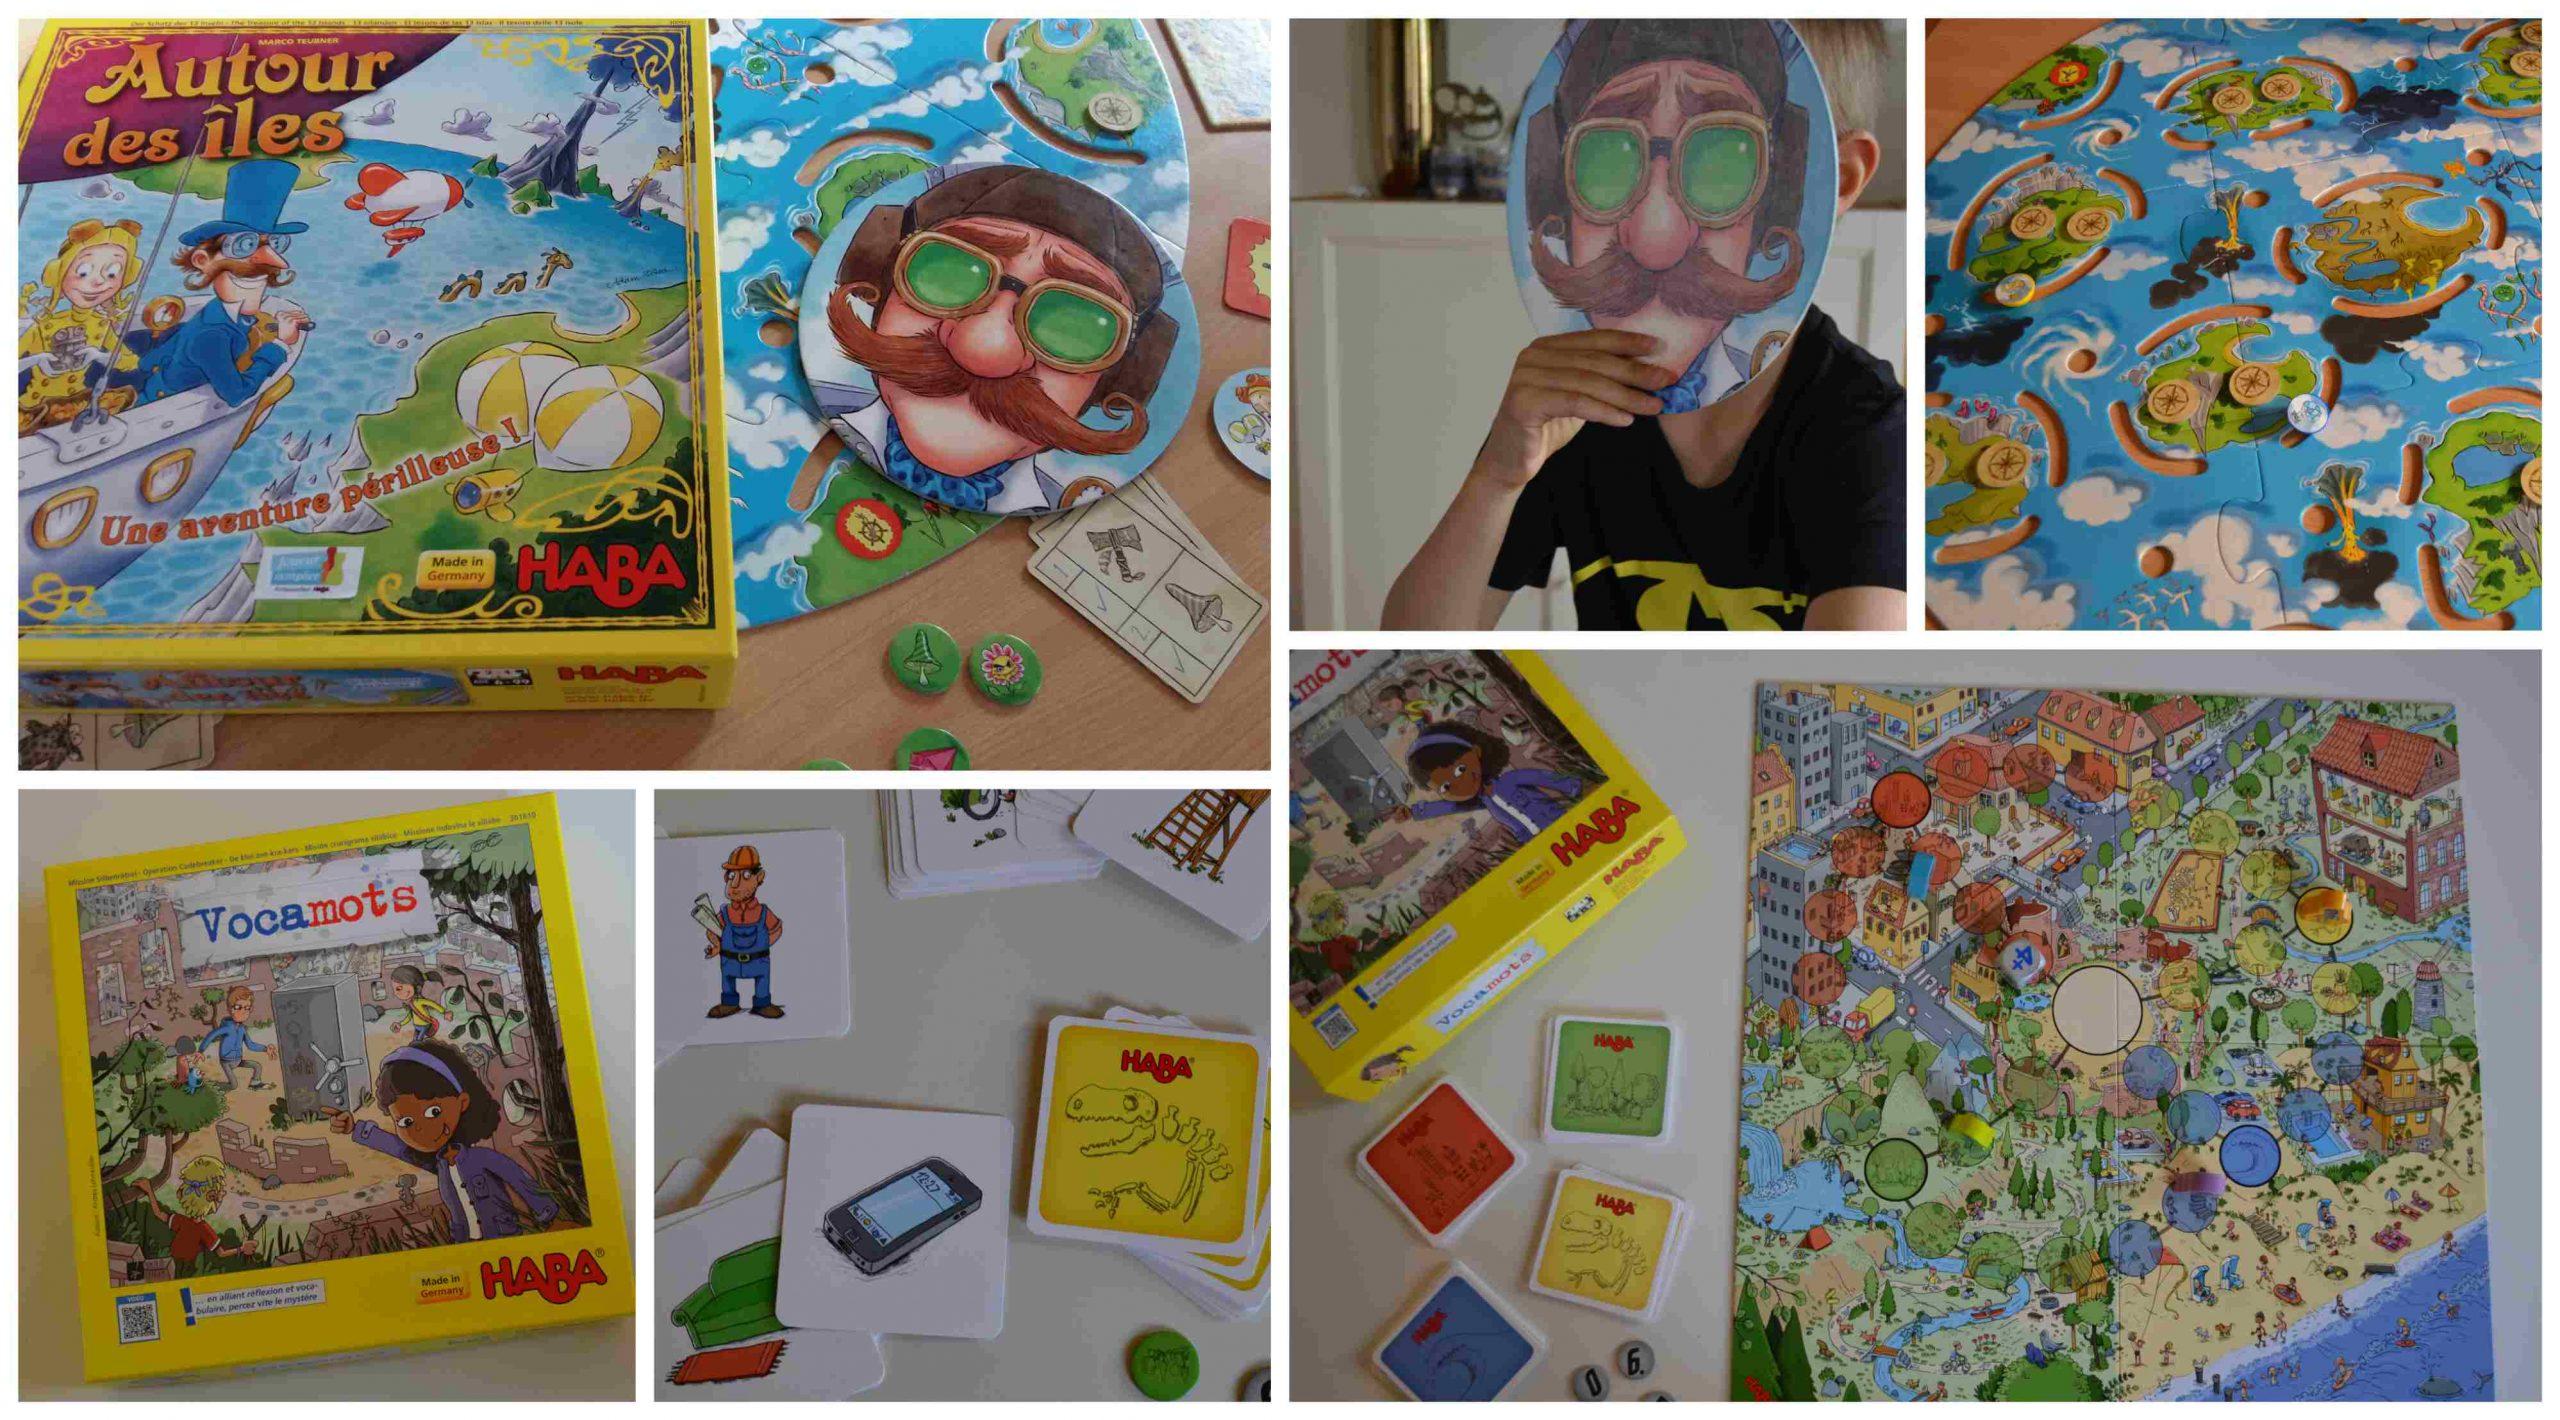 Vocamots & Autour Des Îles : Des Jeux Haba Pour Les 5-7 Ans pour Jeux Pour Enfant 7 Ans